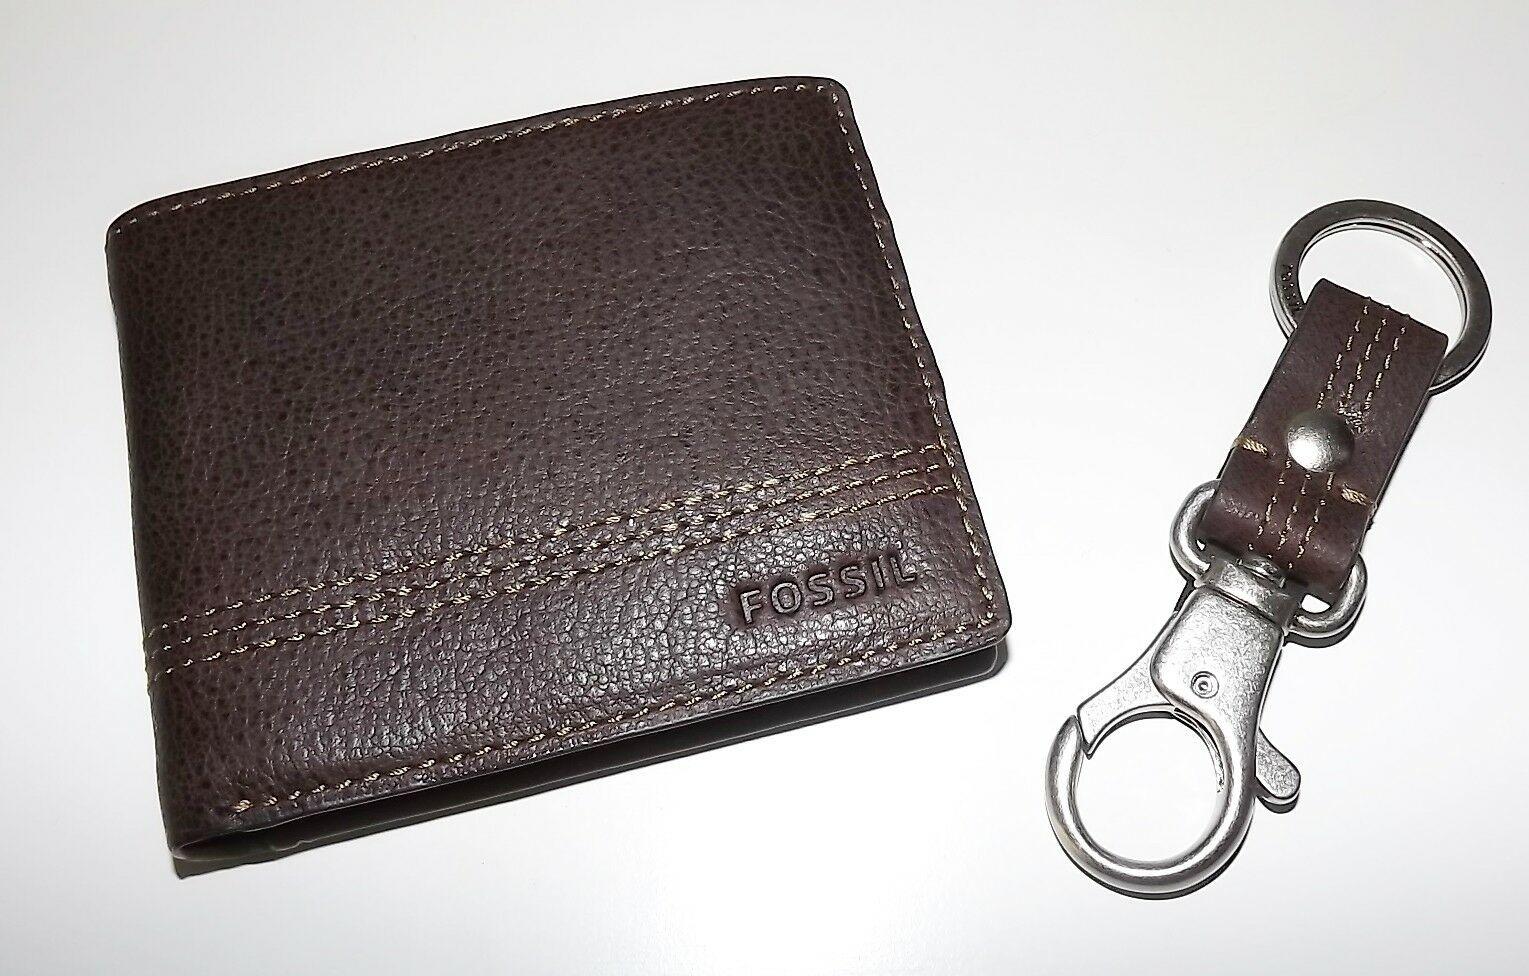 Fossil HERREN Leder Kyle Rfid Geschützt Bi-Faltbar Portemonnaie mit Valet image 2